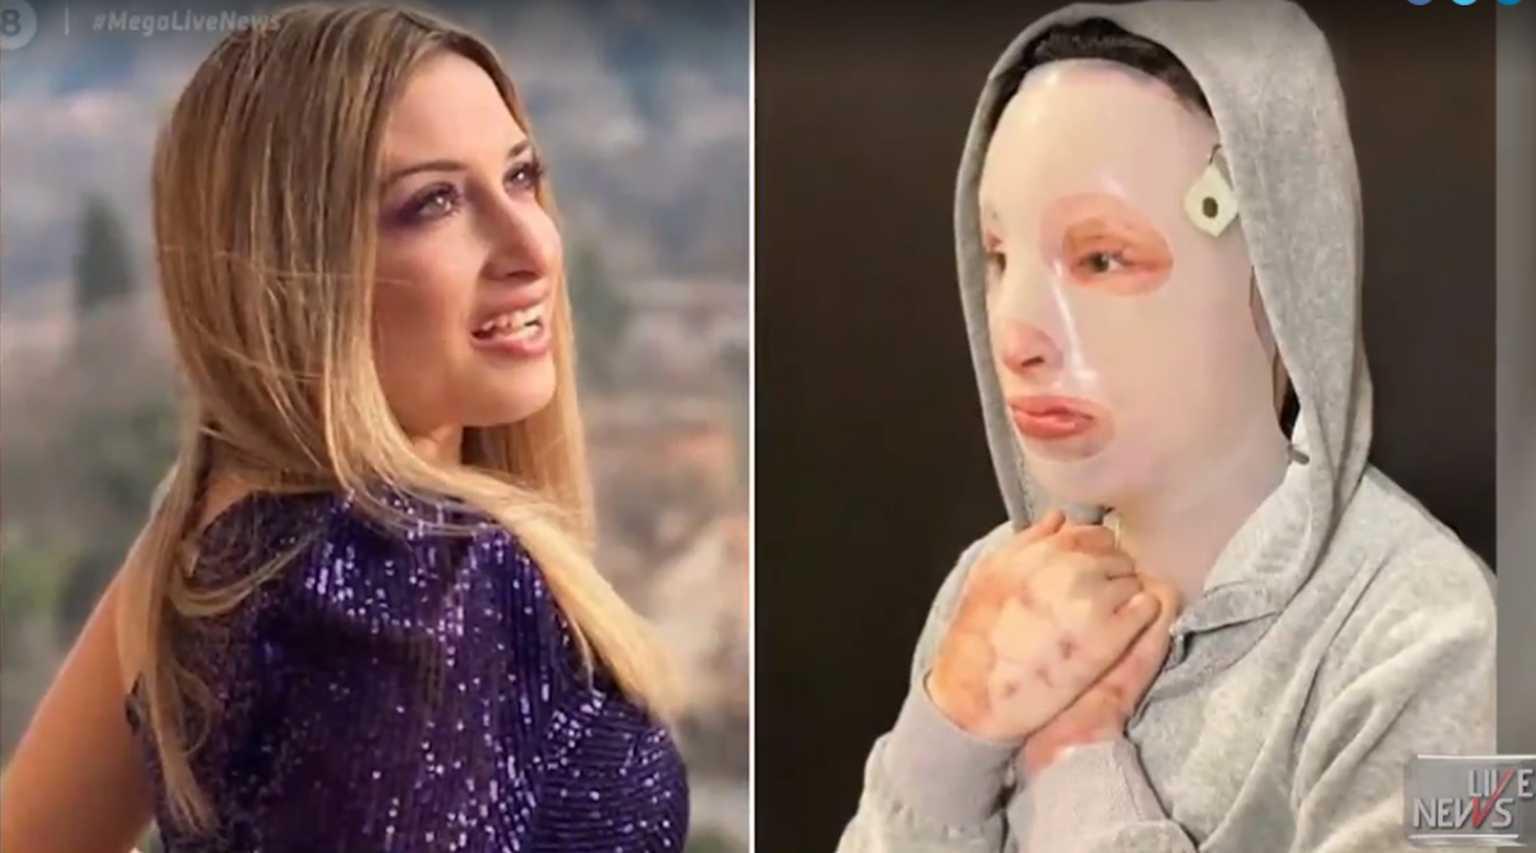 Επίθεση με βιτριόλι – Ιωάννα Παλιοσπύρου: Φωτογραφίες από το πρώτο χειρουργείο – Σκληρές εικόνες